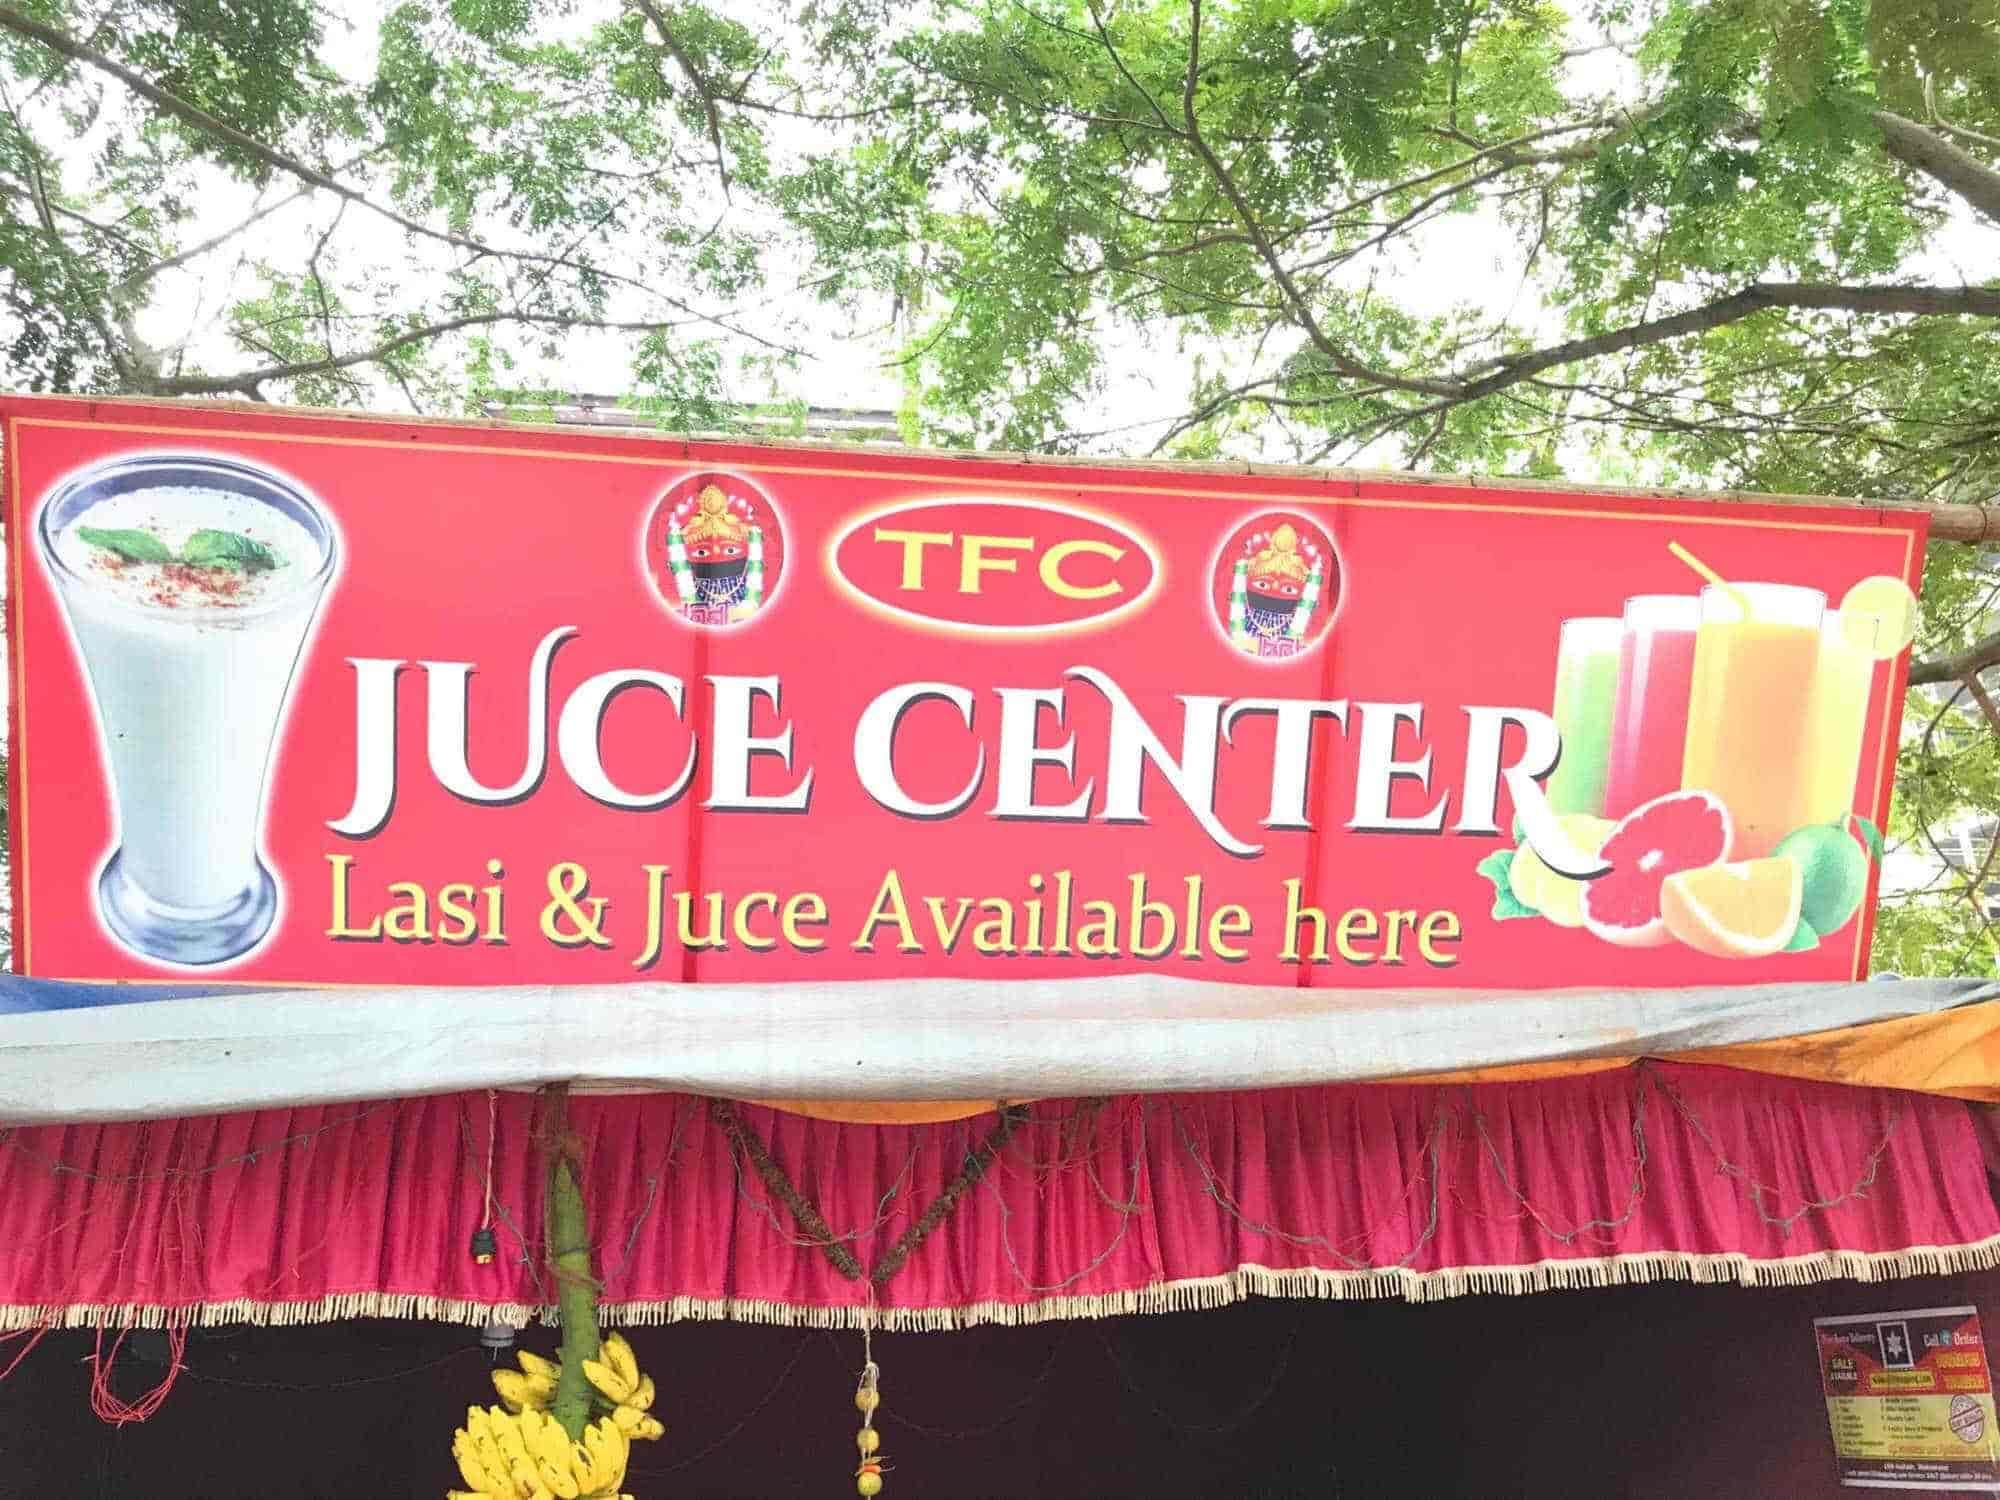 TFC JUICE Center, Patia, Bhubaneshwar - Juice Centres - Justdial